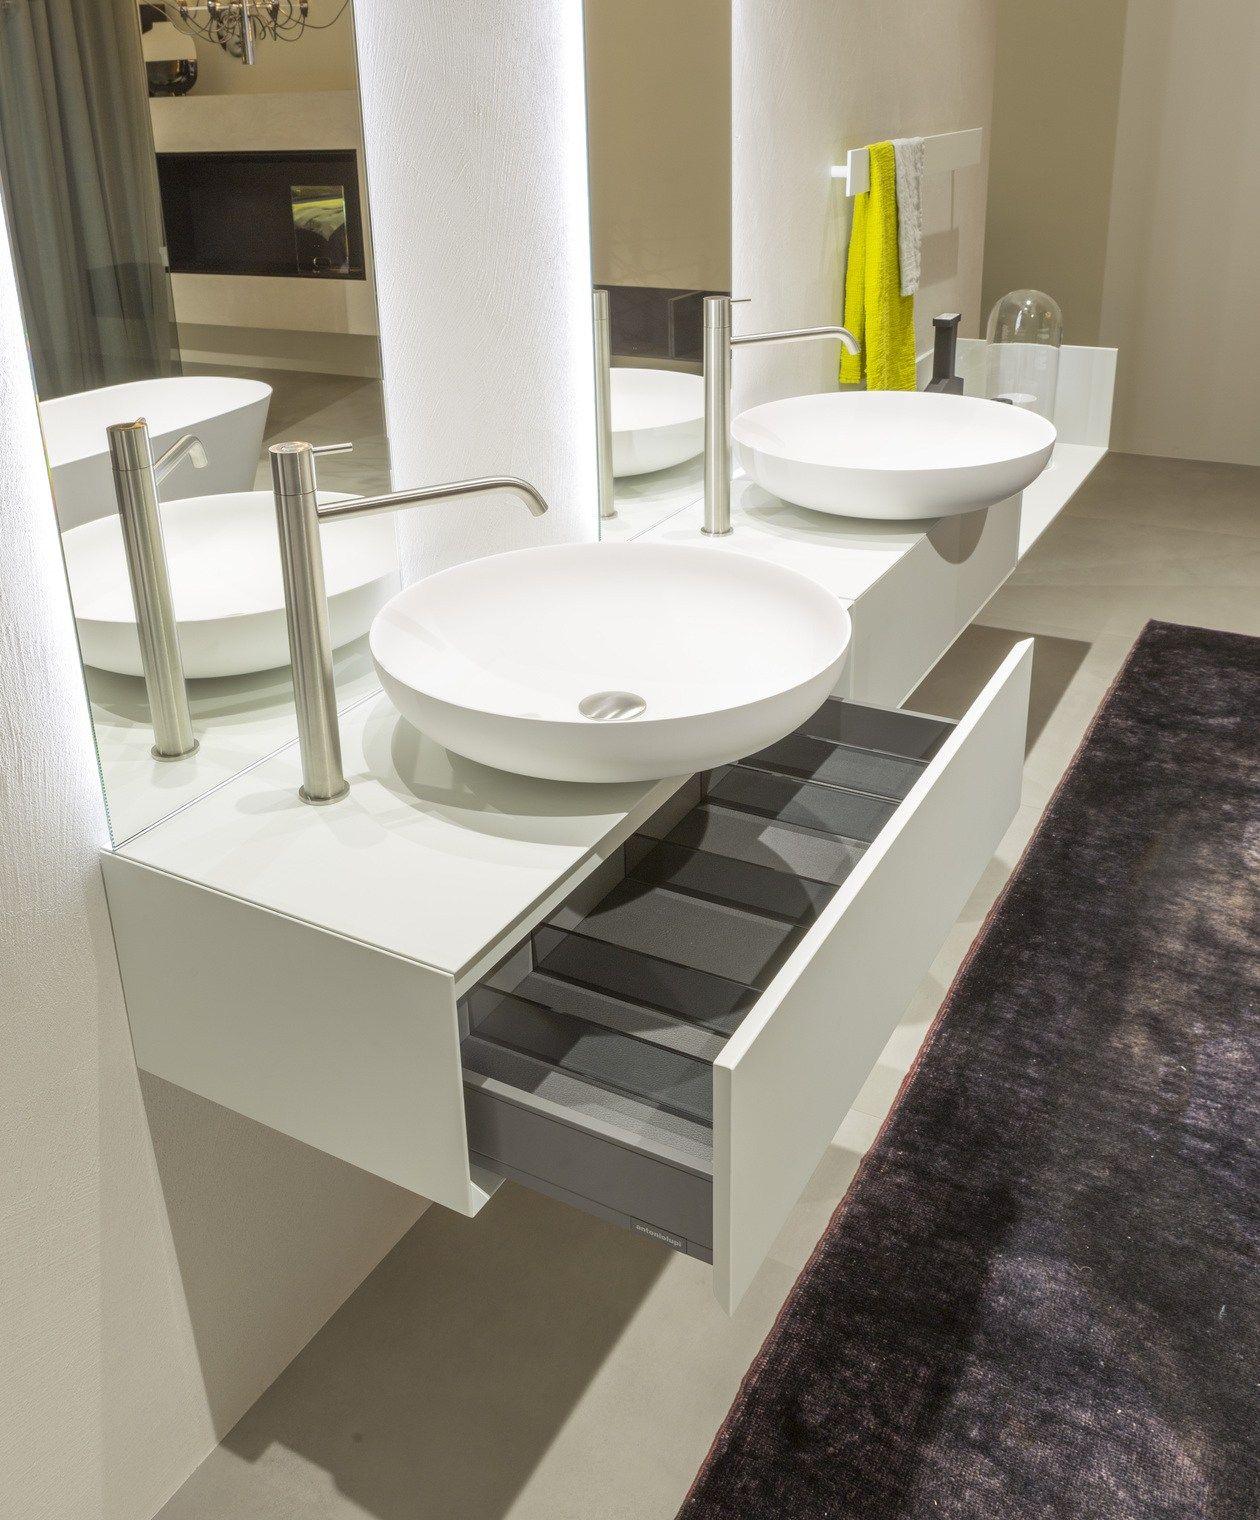 Traccia by antonio lupi design for Arredo bagno completo